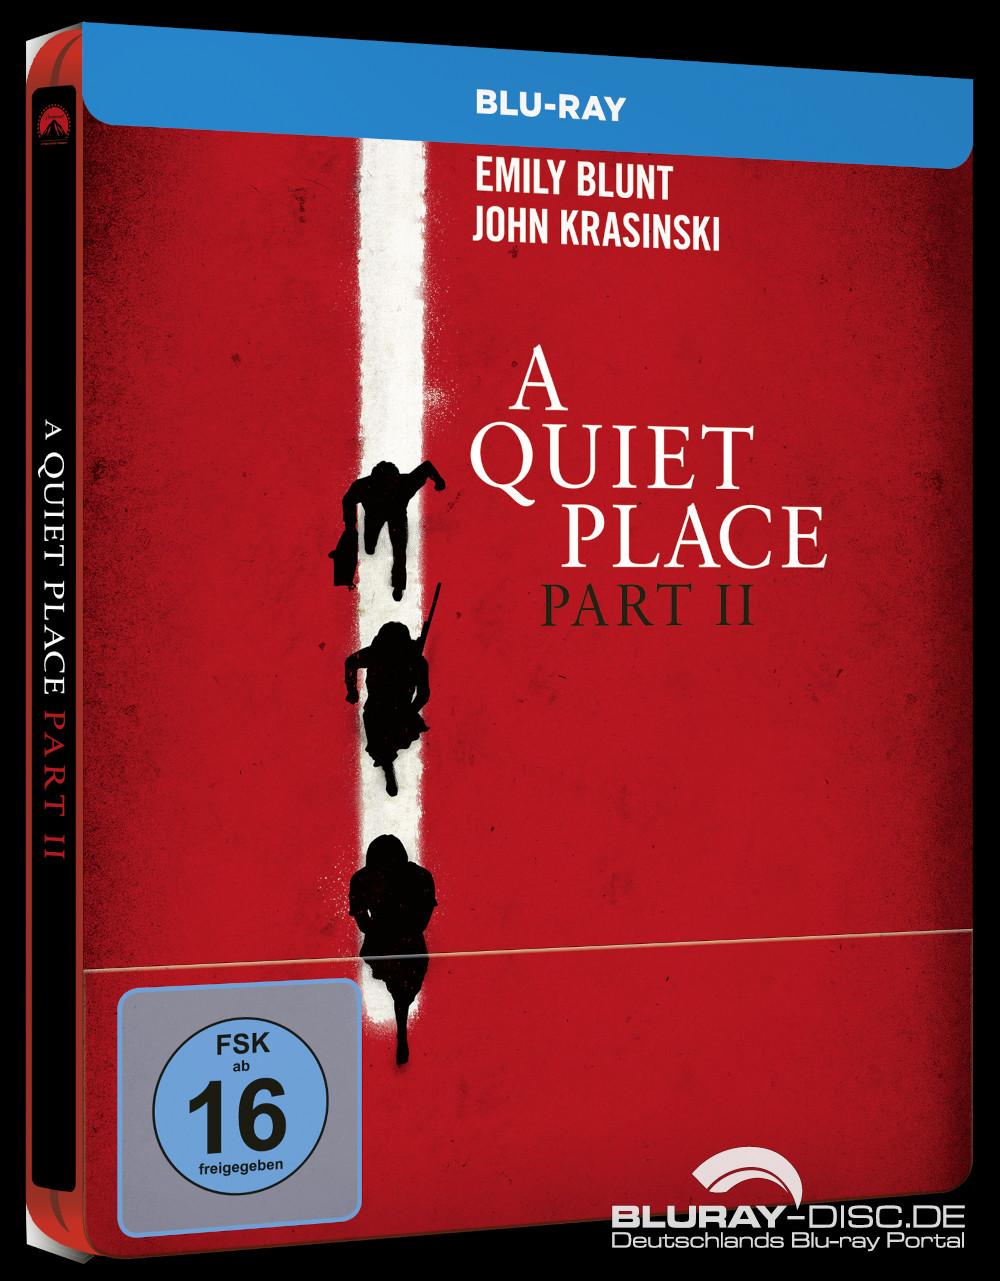 A-Quiet-Place-2-HD-Steelbook-Final-Galerie-01.jpg